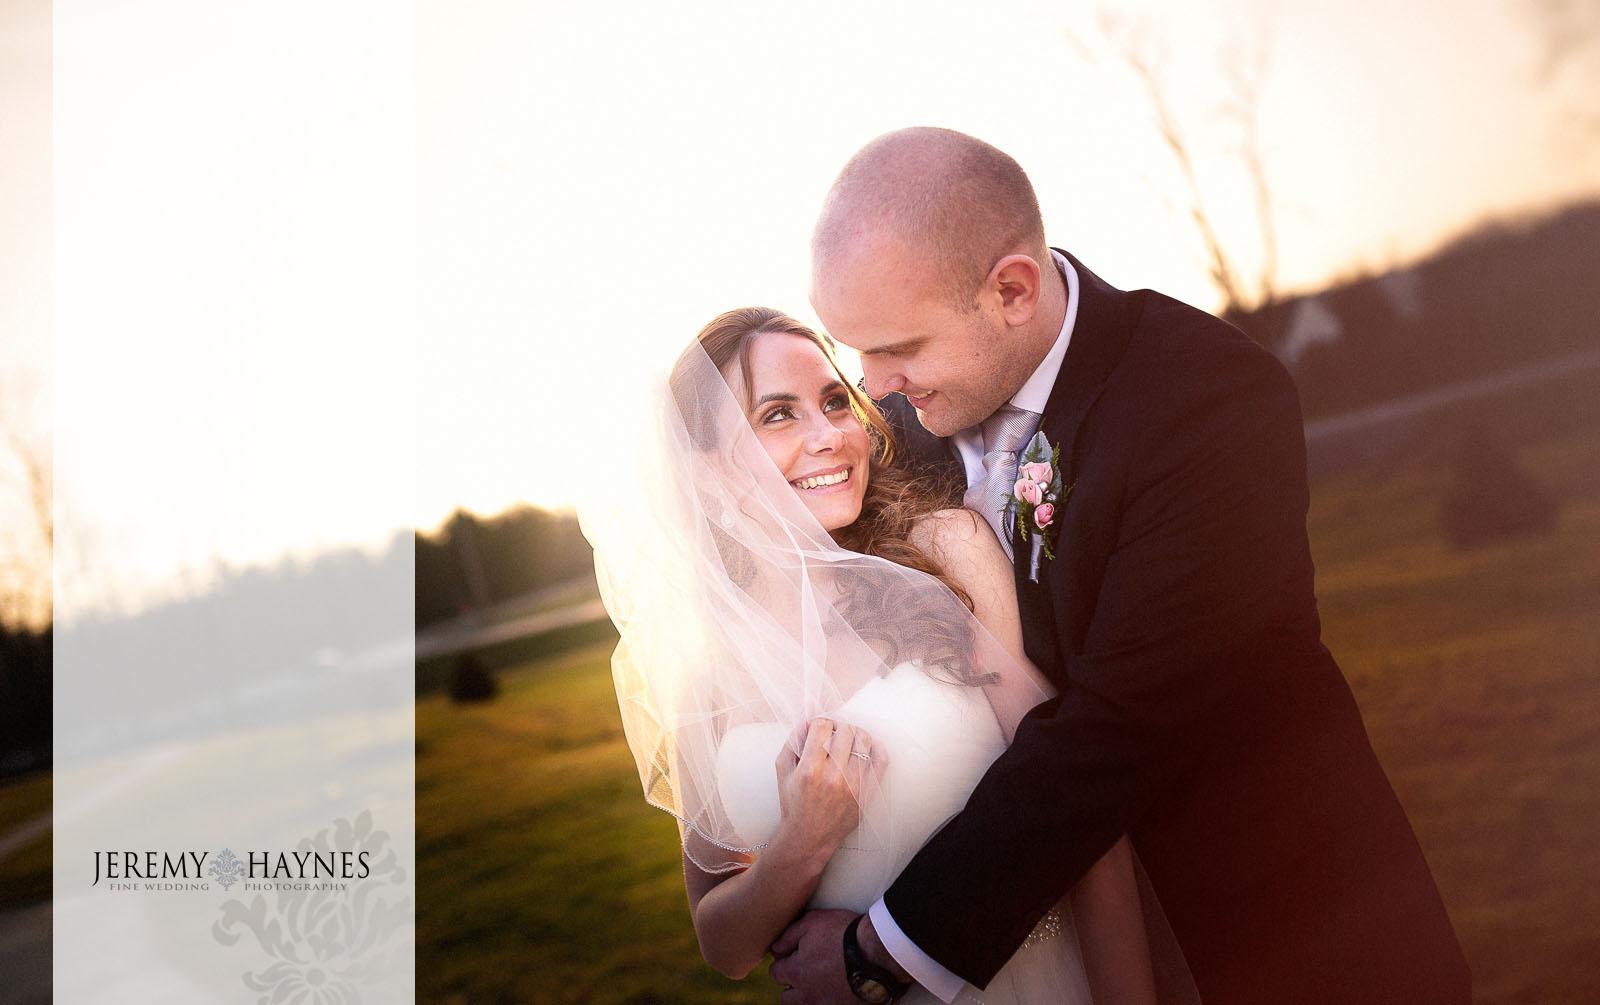 15-emmanuel-community-church-fort-wayne-wedding-photography-ideas.jpg